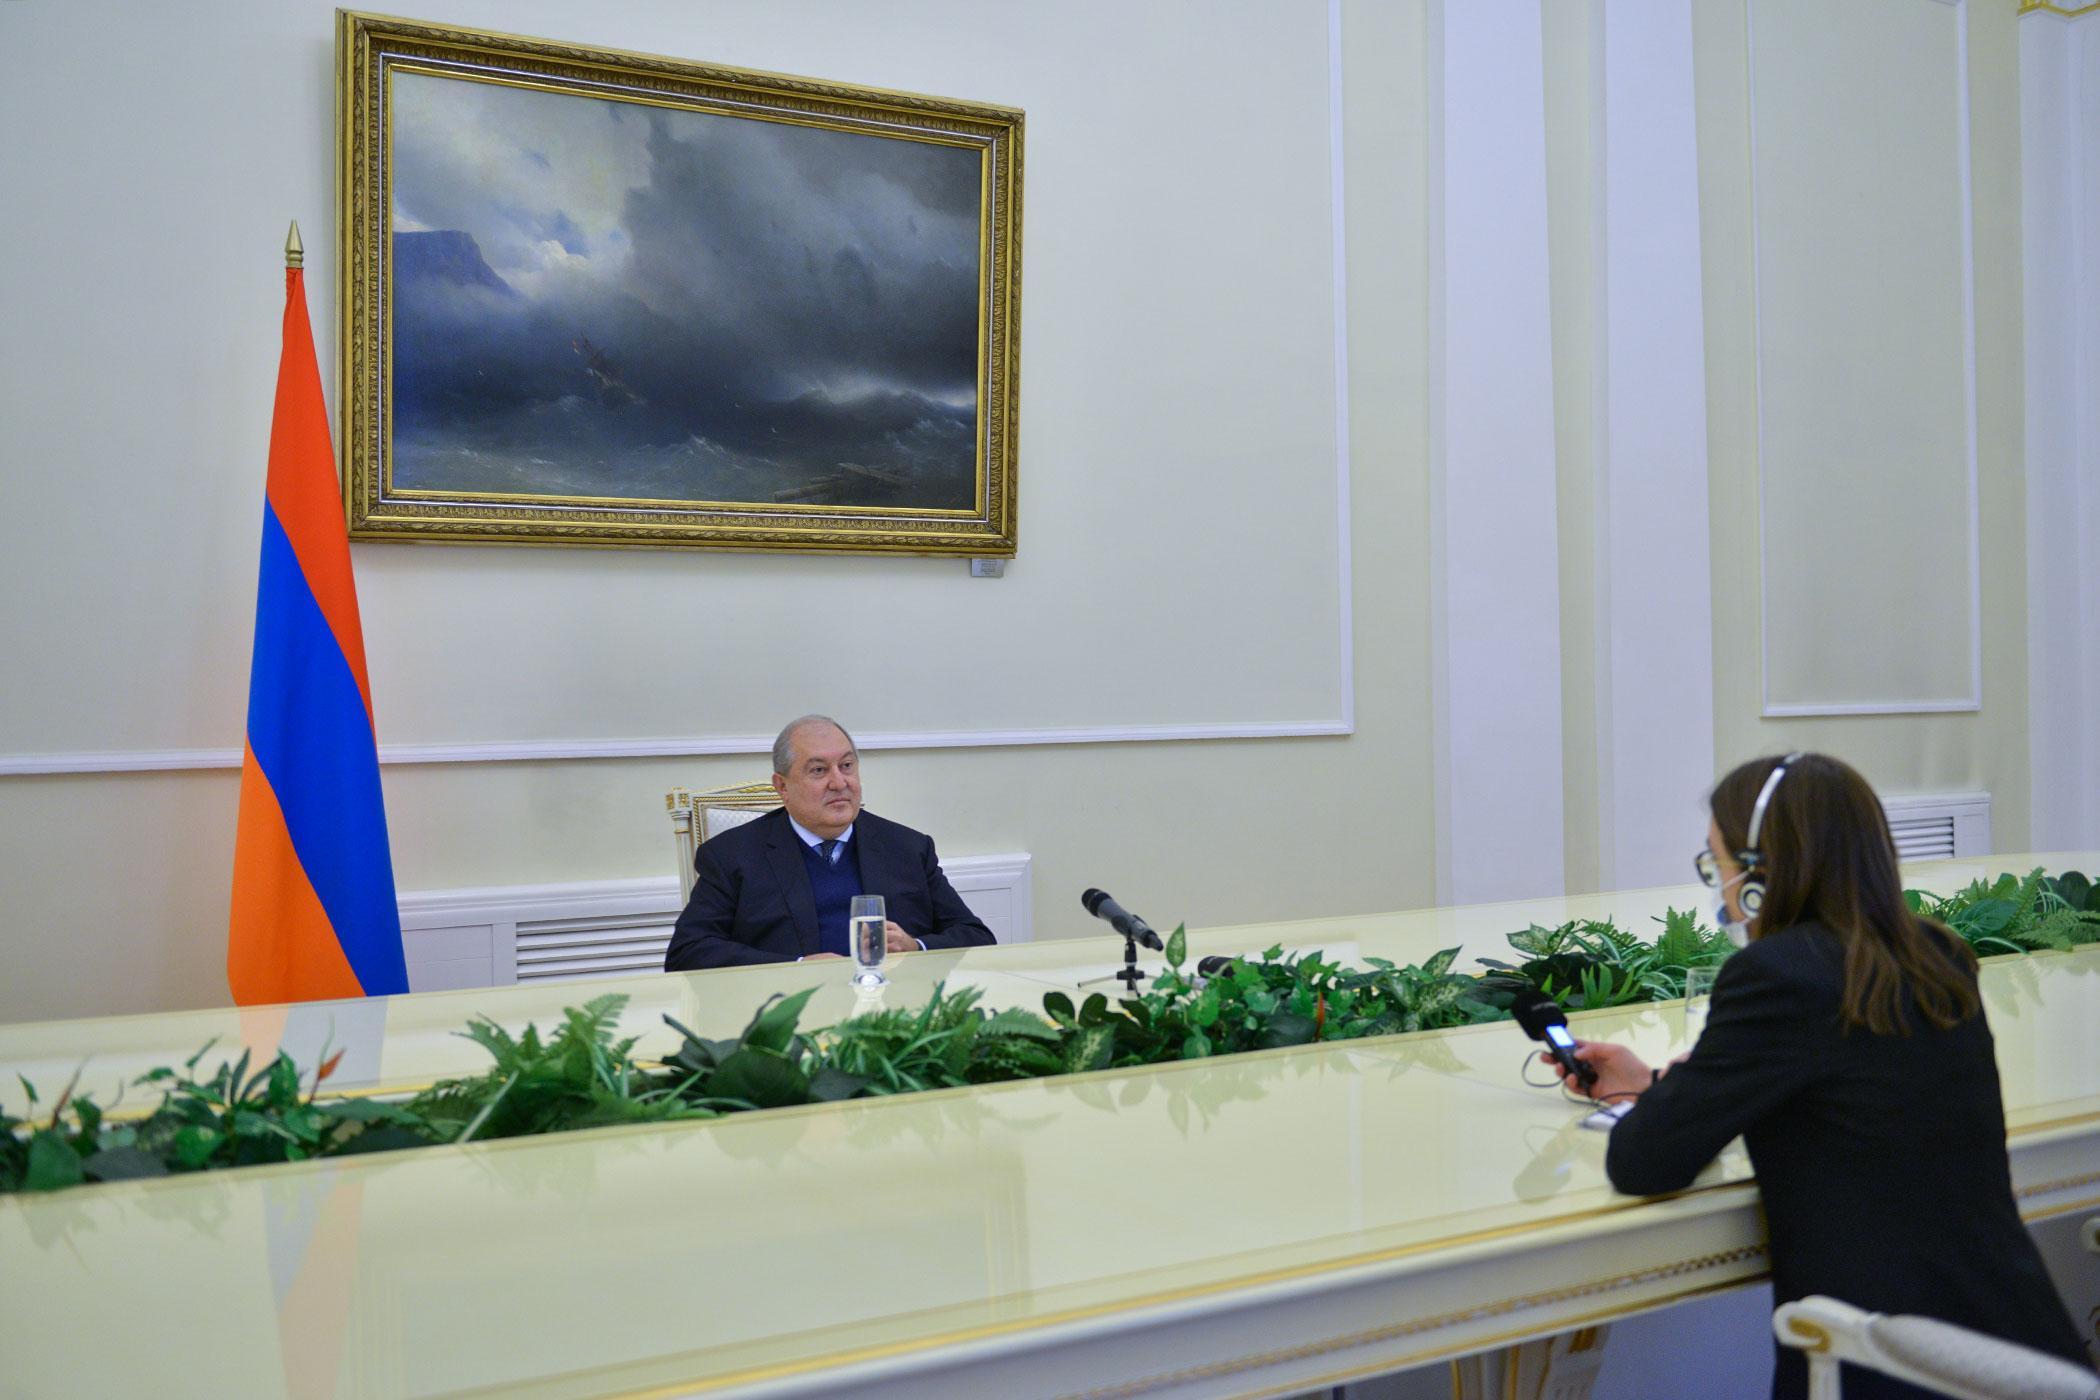 Photo of Միջազգային հանրությունը չի ցանկանում նկատել Թուրքիայի վարքագիծը. նախագահ Արմեն Սարգսյանը հարցազրույց է տվել Շվեդիայի հանրային ռադիոյին